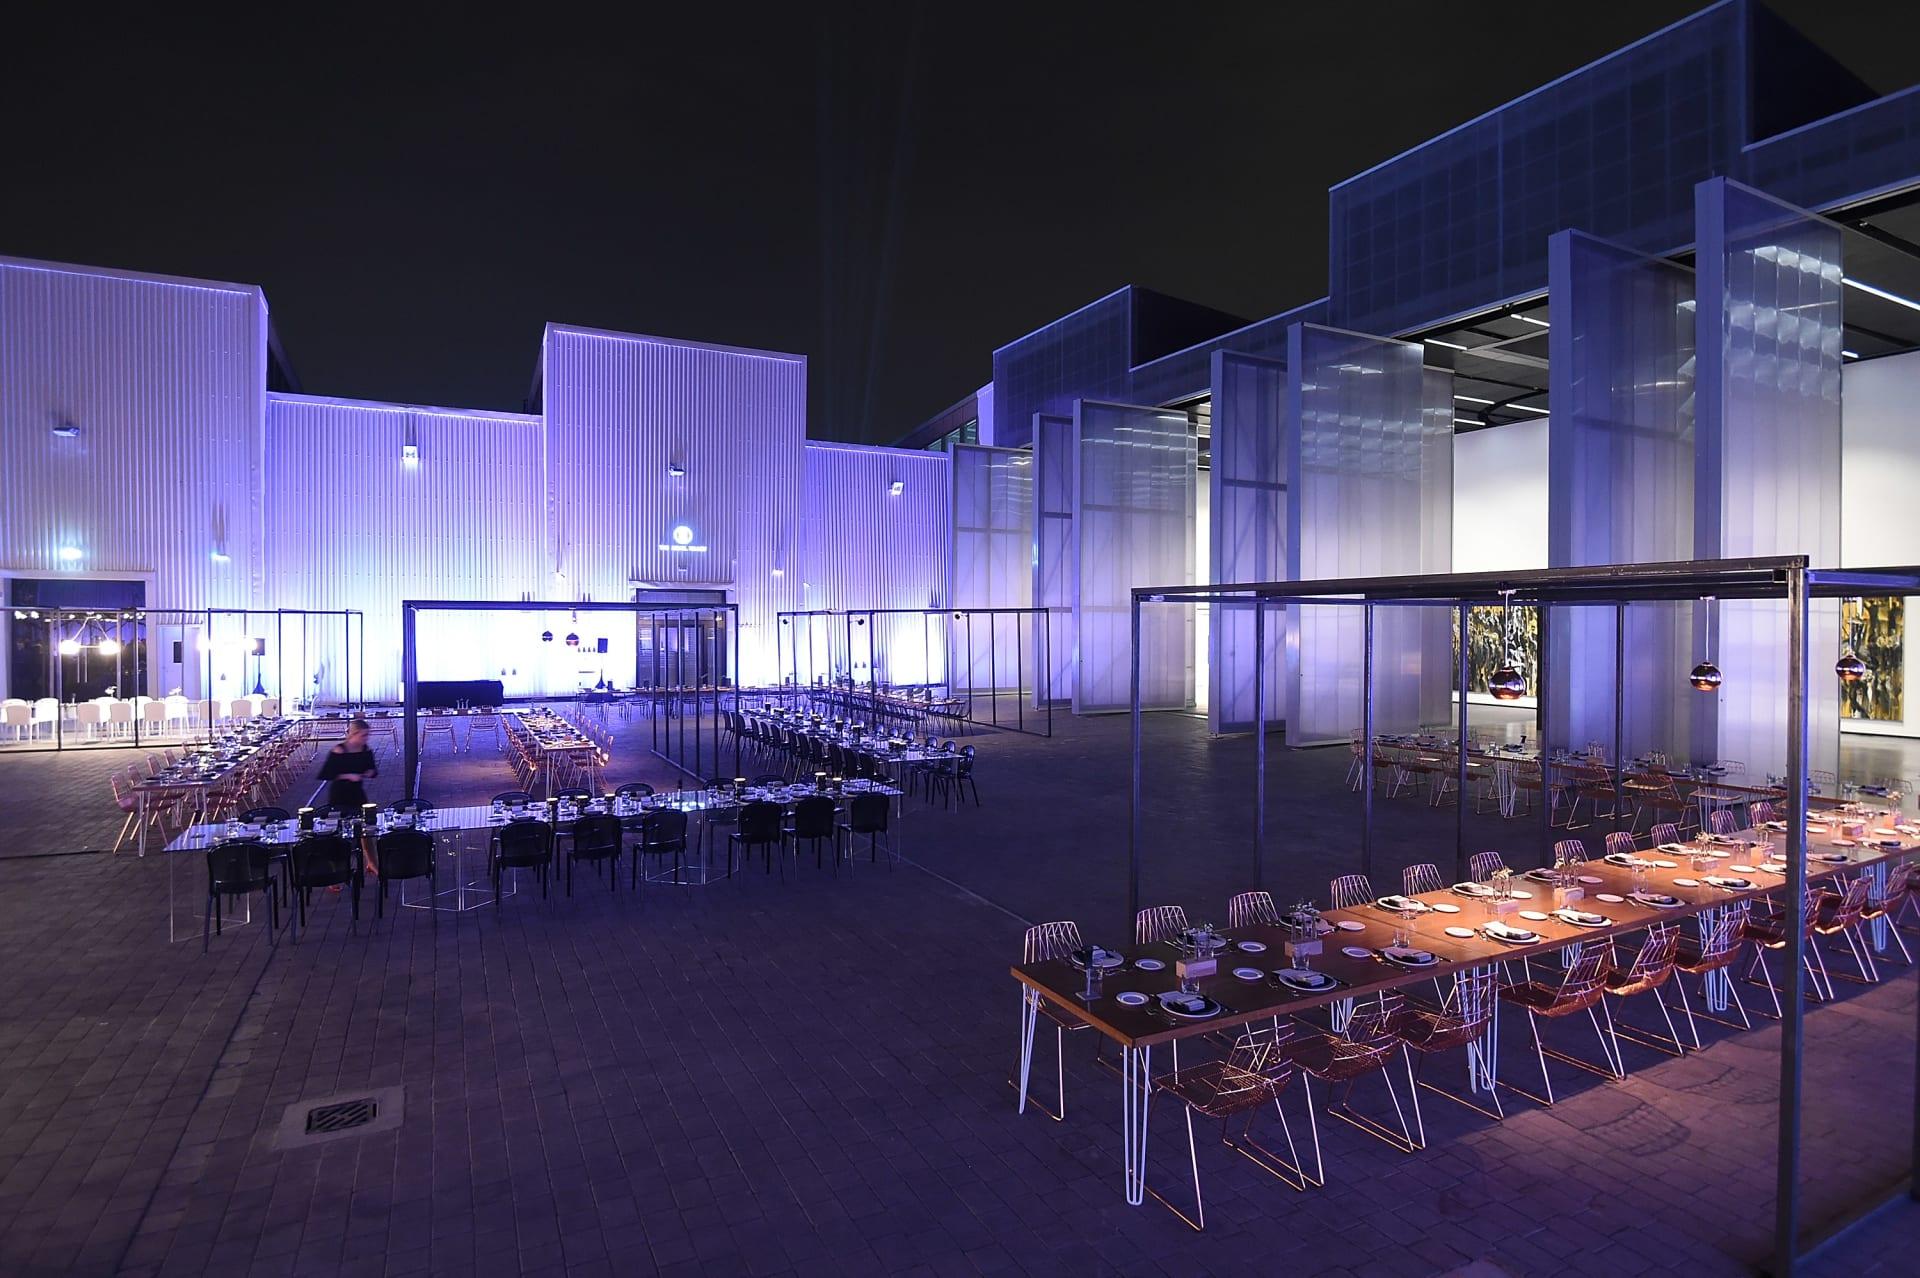 ما هي قائمة المشاريع العربية المرشحة لجائزة الآغا خان للعمارة عام 2019؟